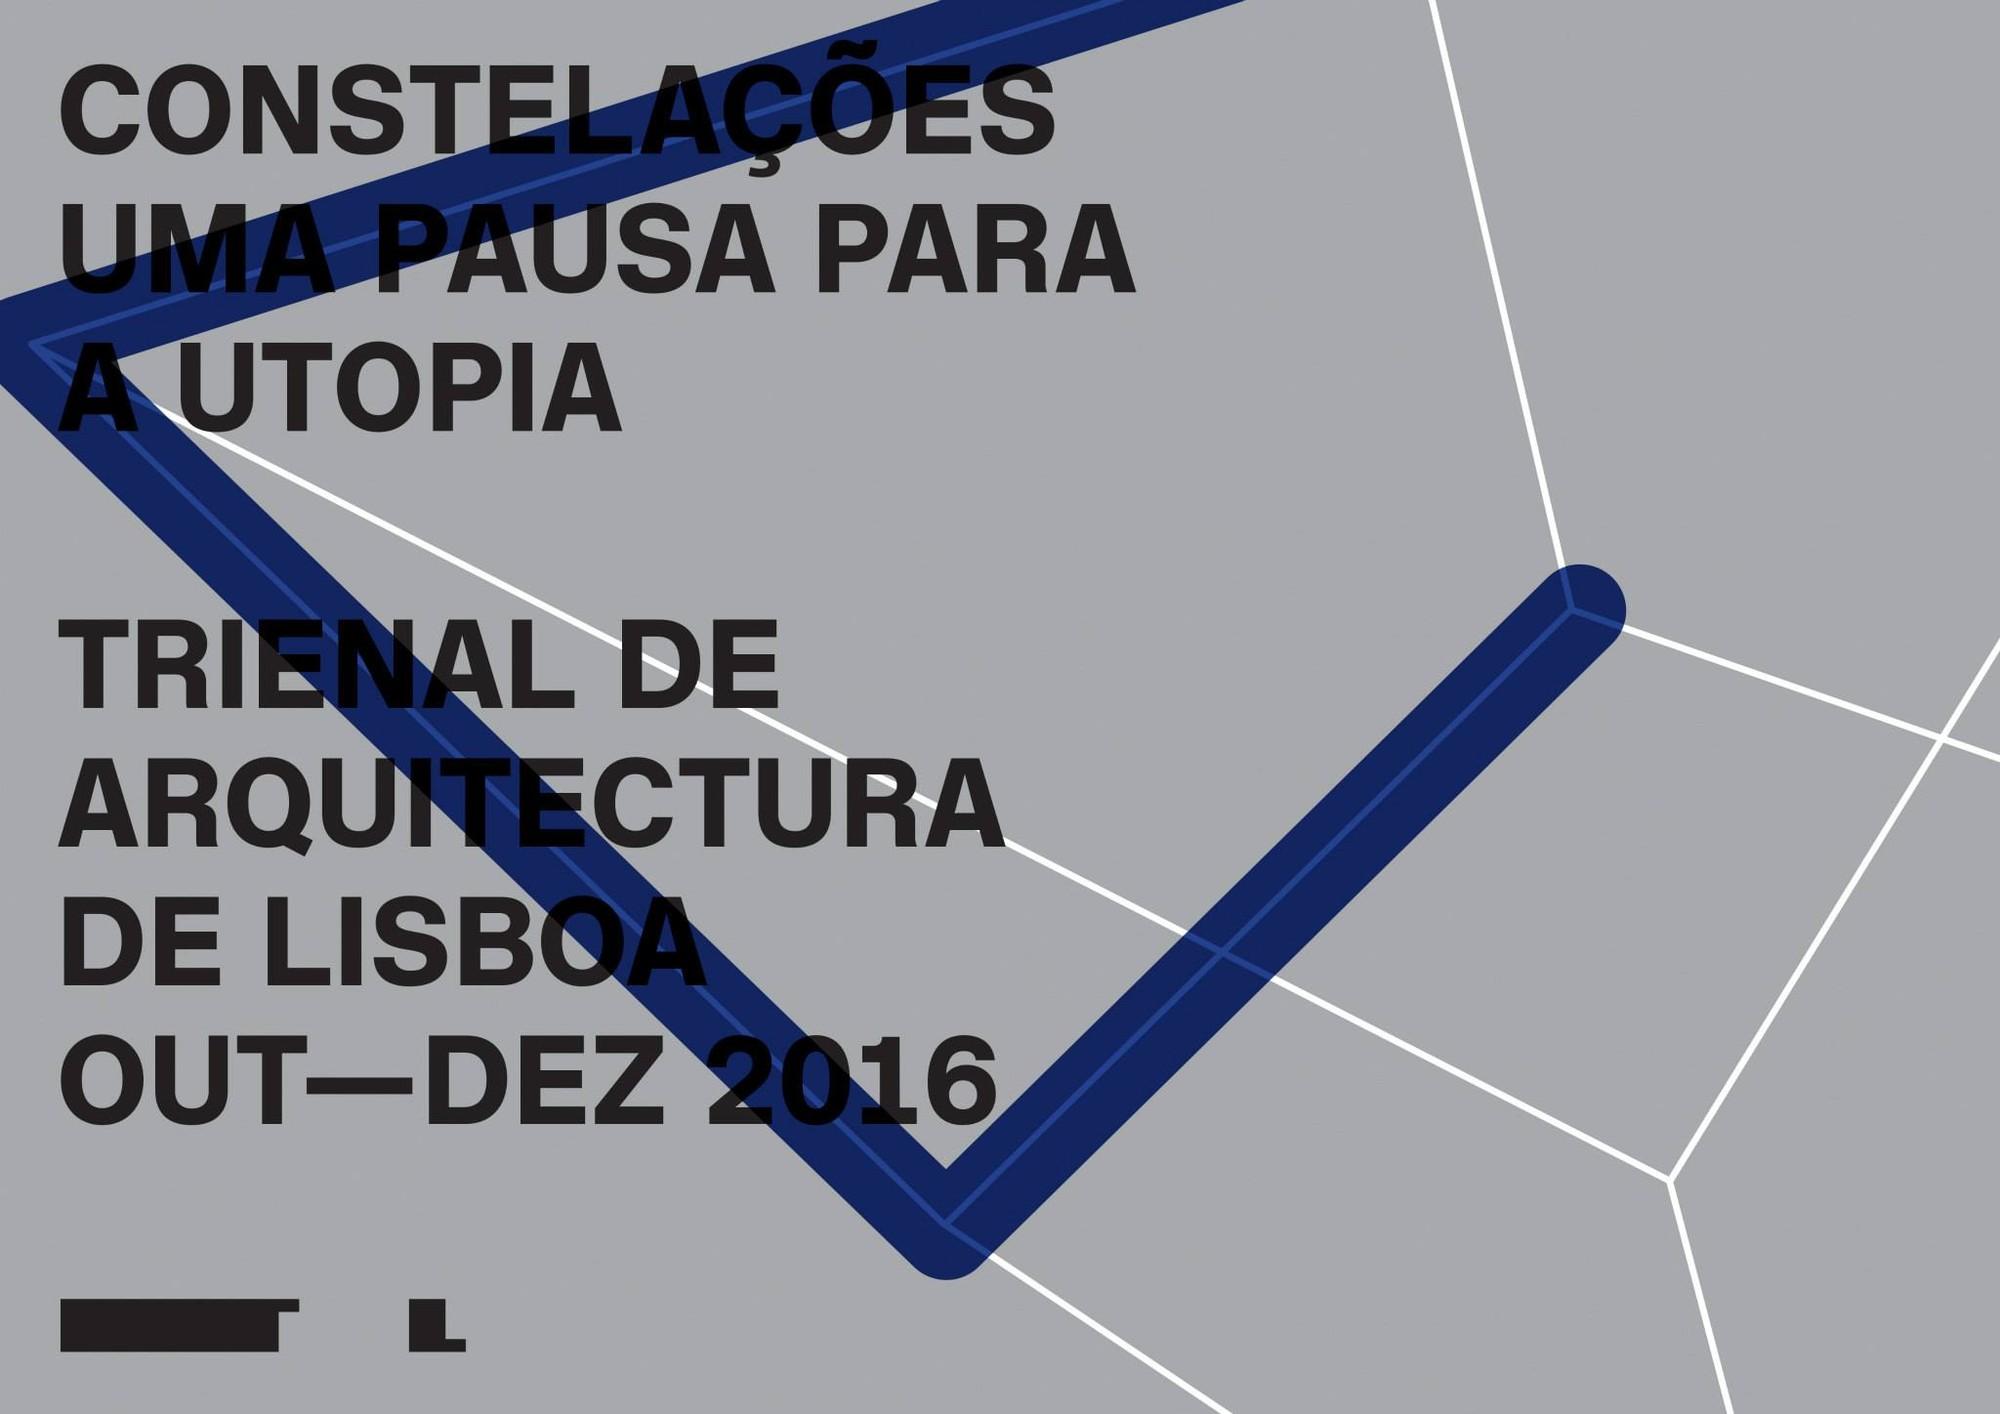 """Divulgado o tema da Trienal de Lisboa de 2016: """"Constelações – uma pausa para a utopia"""", Cortesia de Trienal de Arquitetura de Lisboa"""